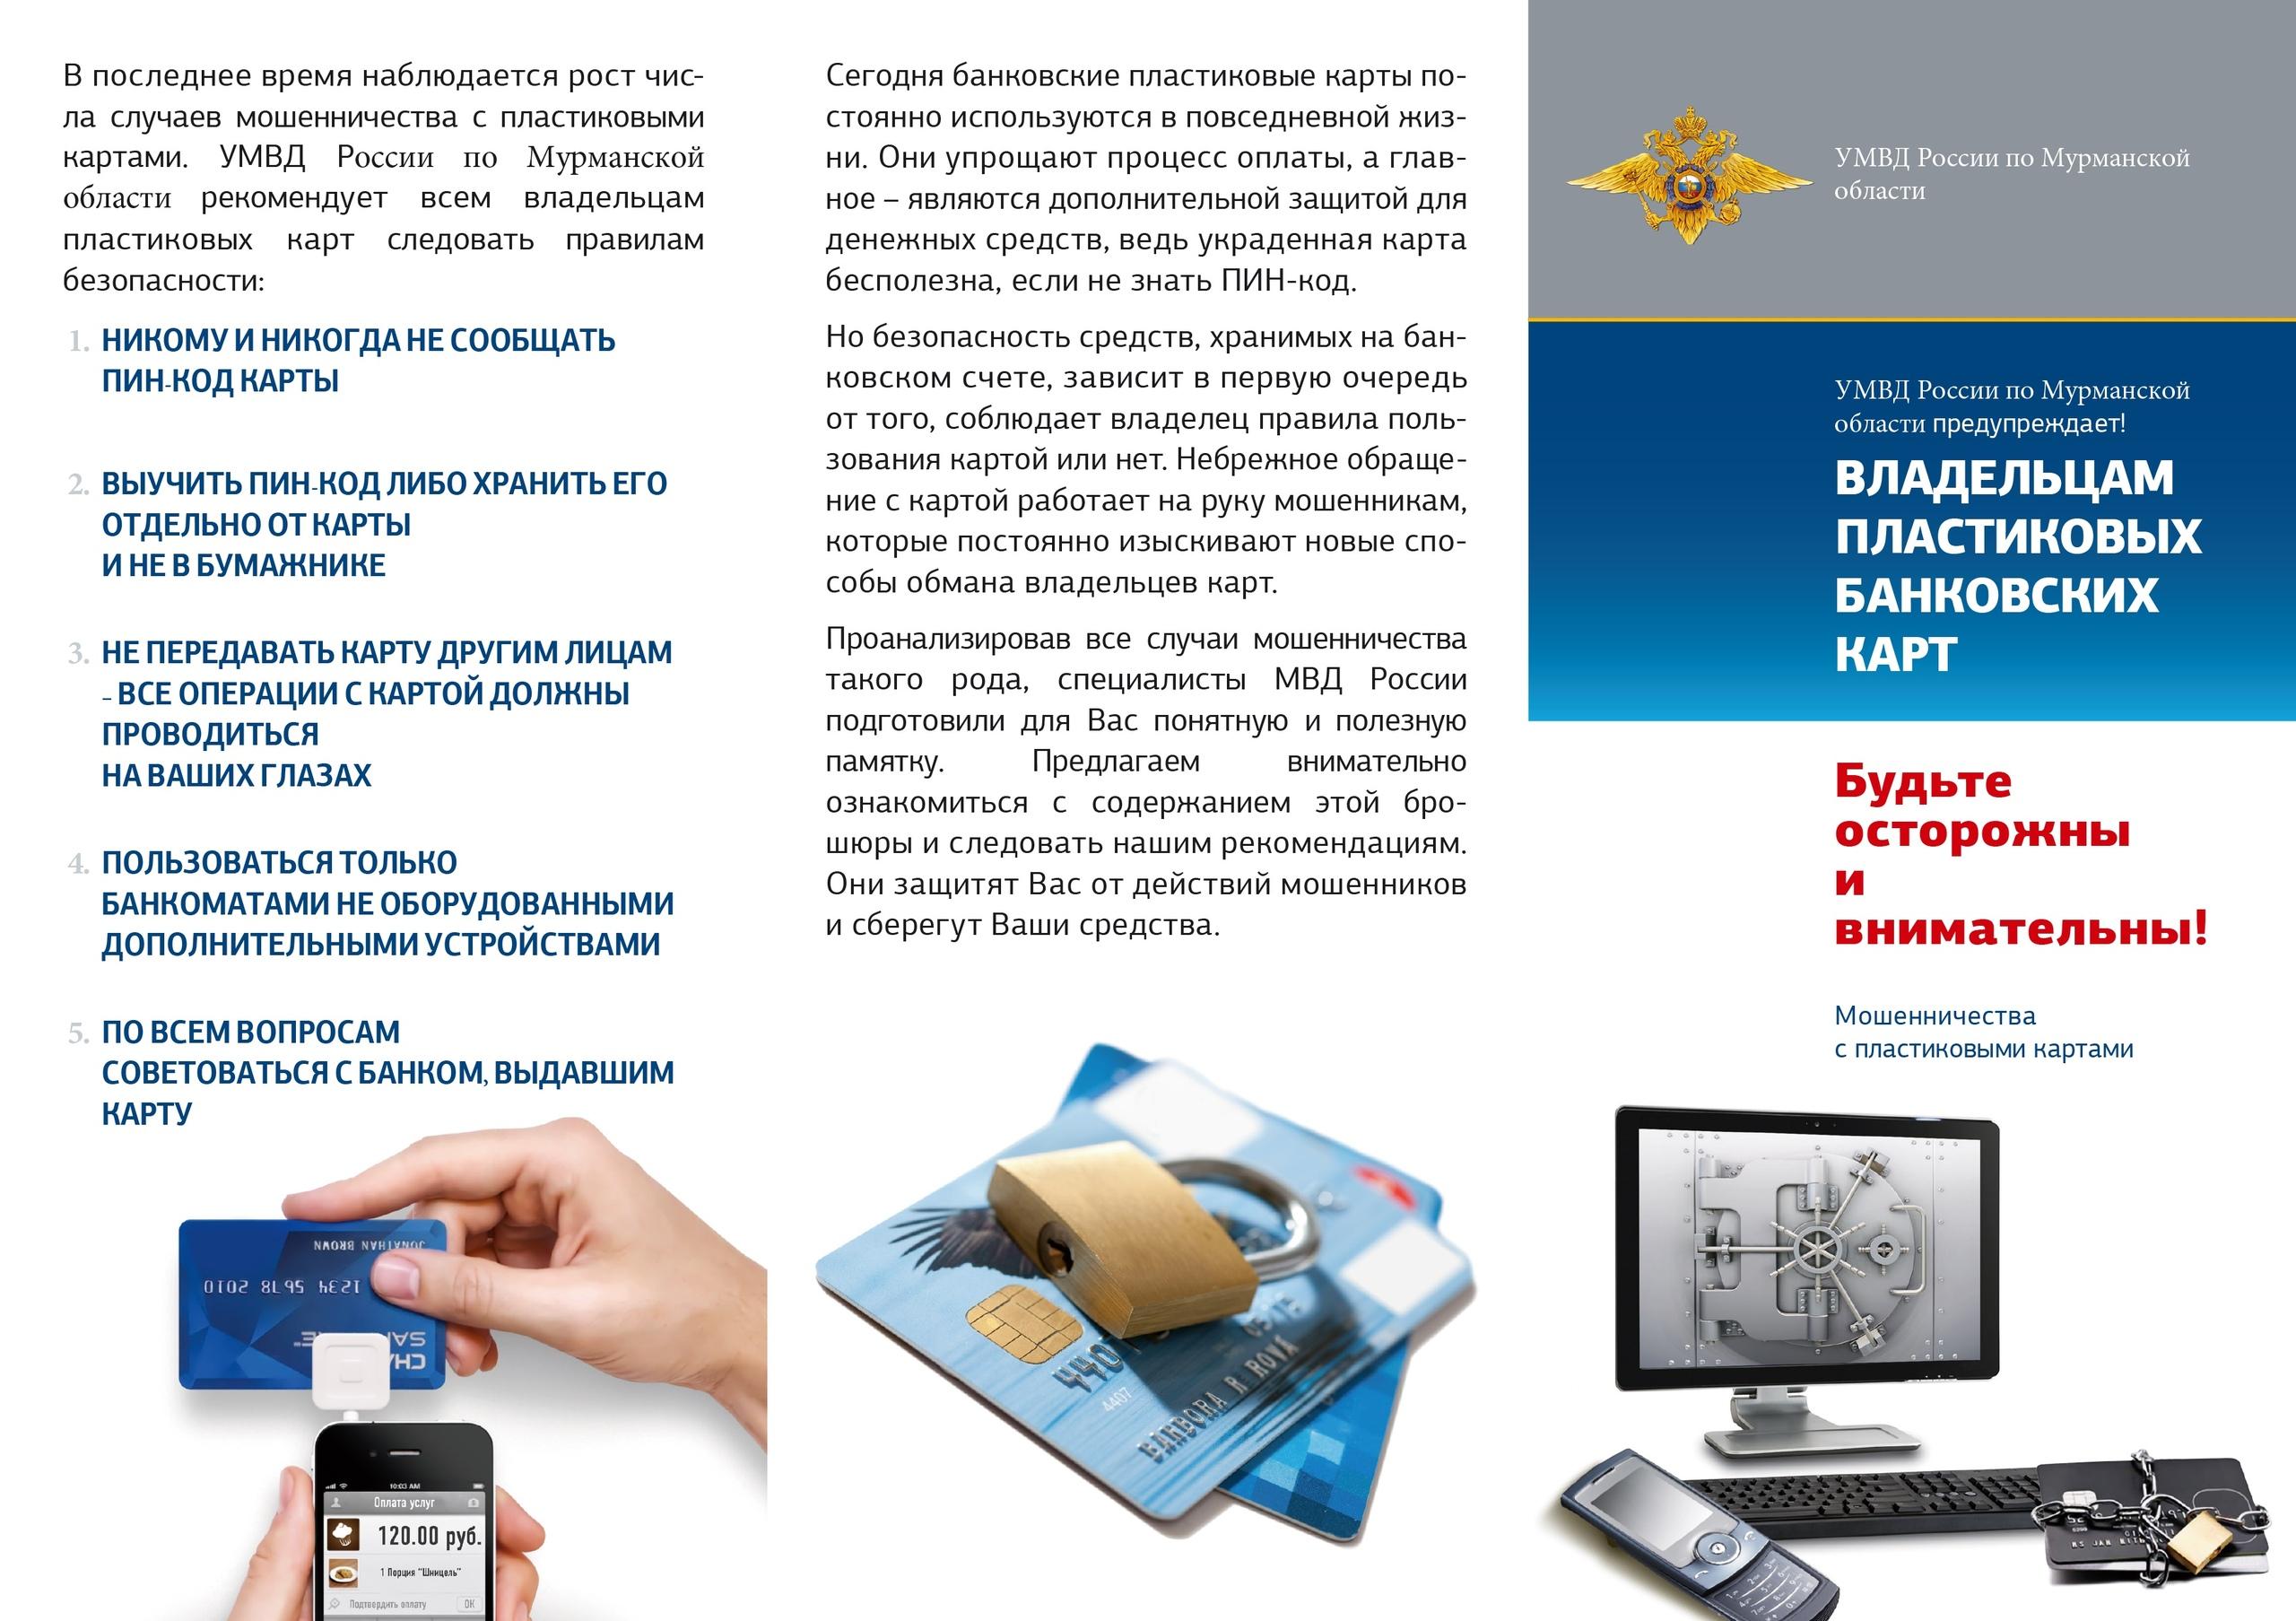 Памятка «Виды мошенничества с использованием высокотехнологичных устройств. Рекомендации по защите от действий мошенников»